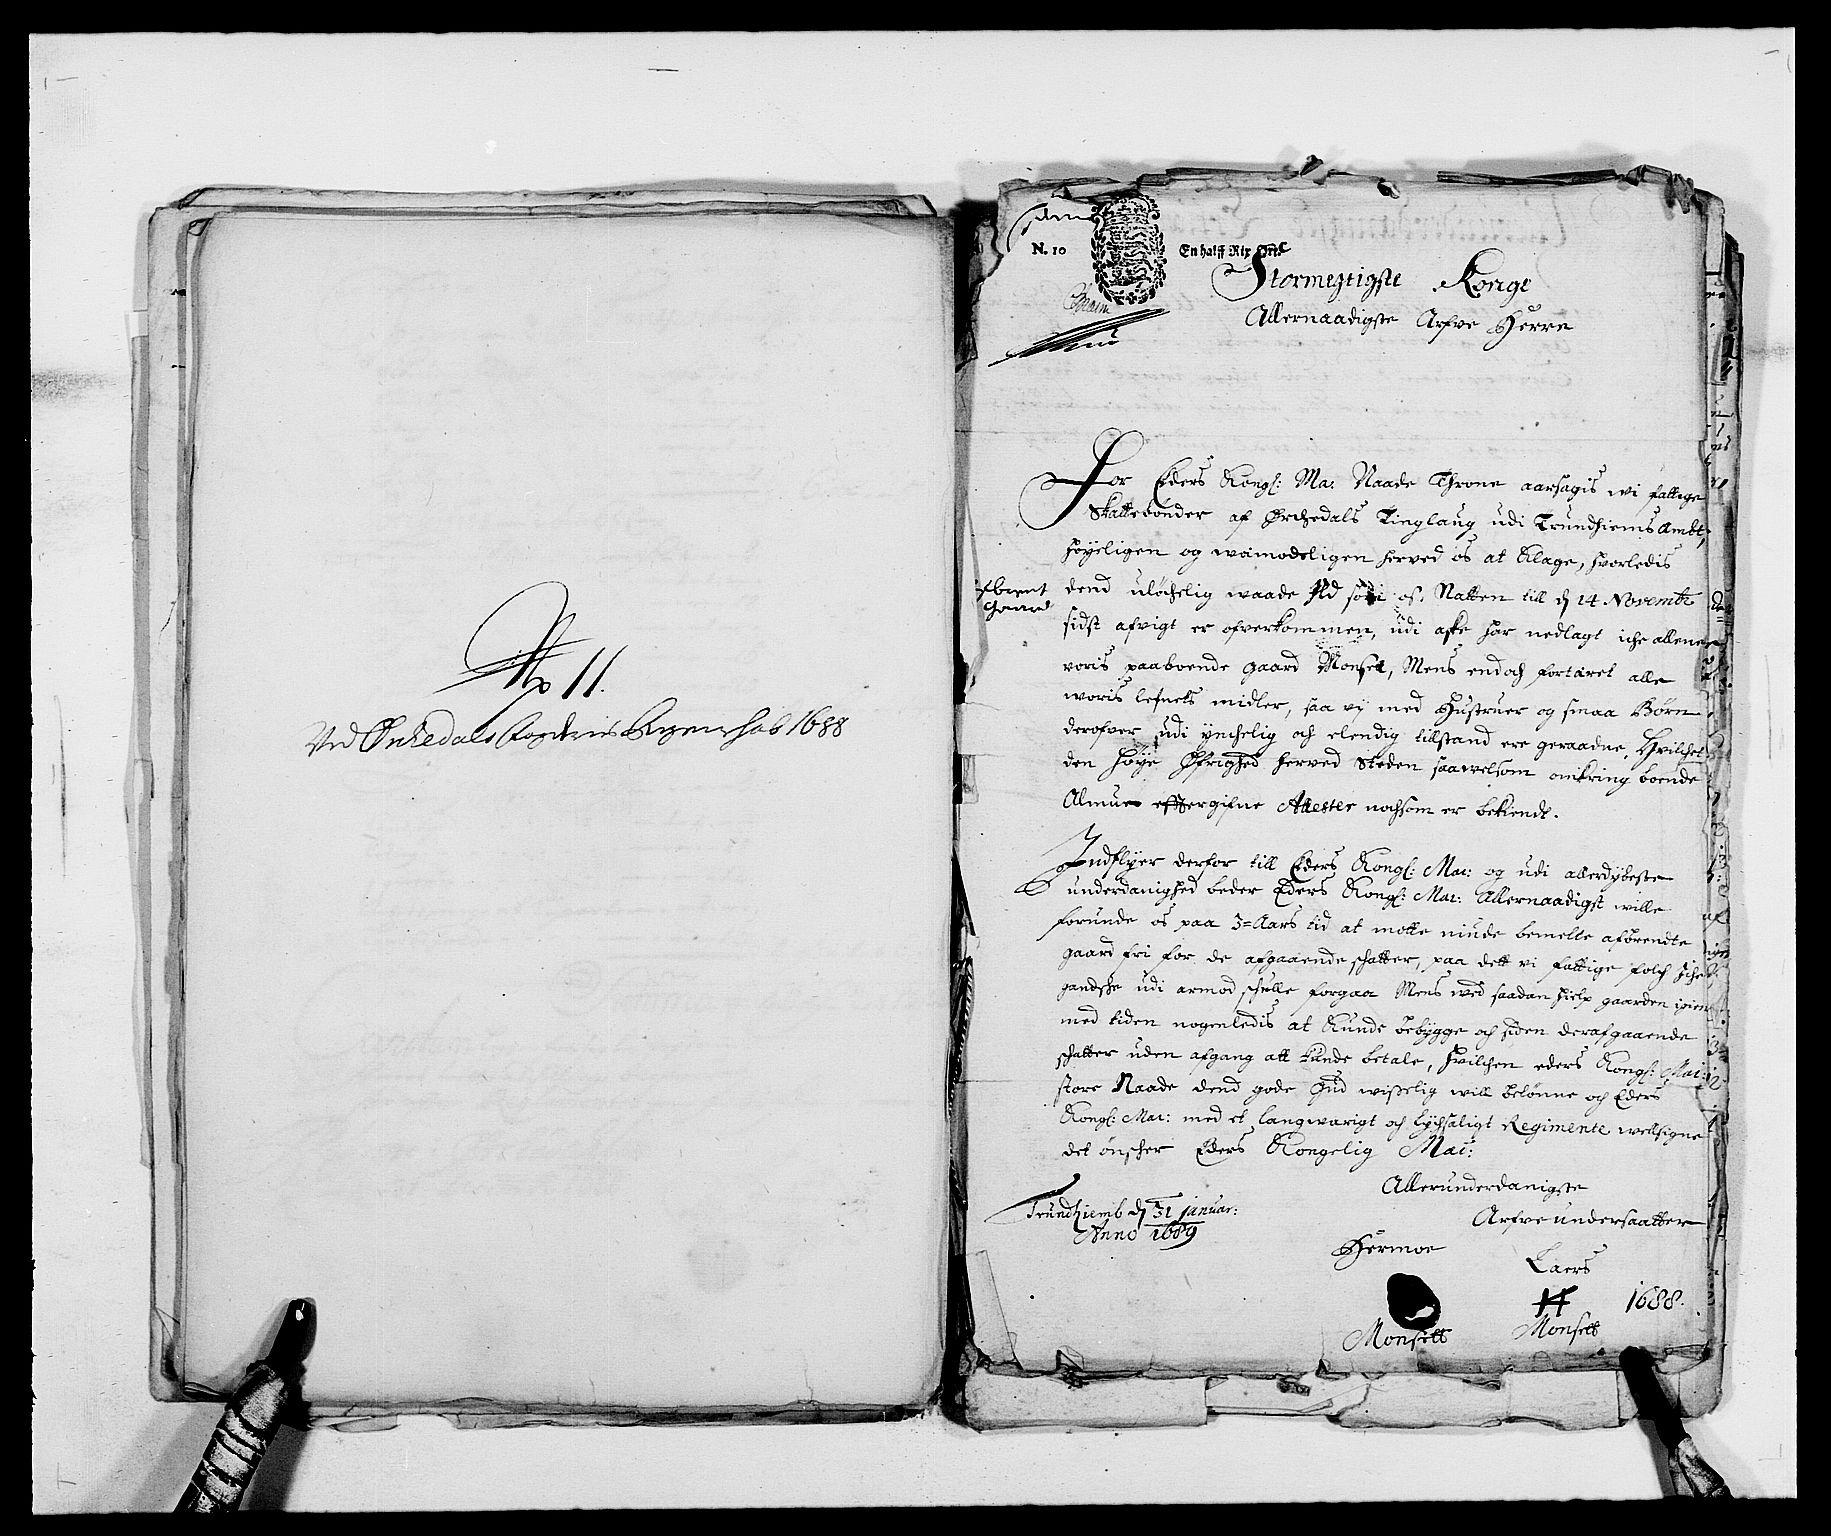 RA, Rentekammeret inntil 1814, Reviderte regnskaper, Fogderegnskap, R58/L3935: Fogderegnskap Orkdal, 1687-1688, s. 384